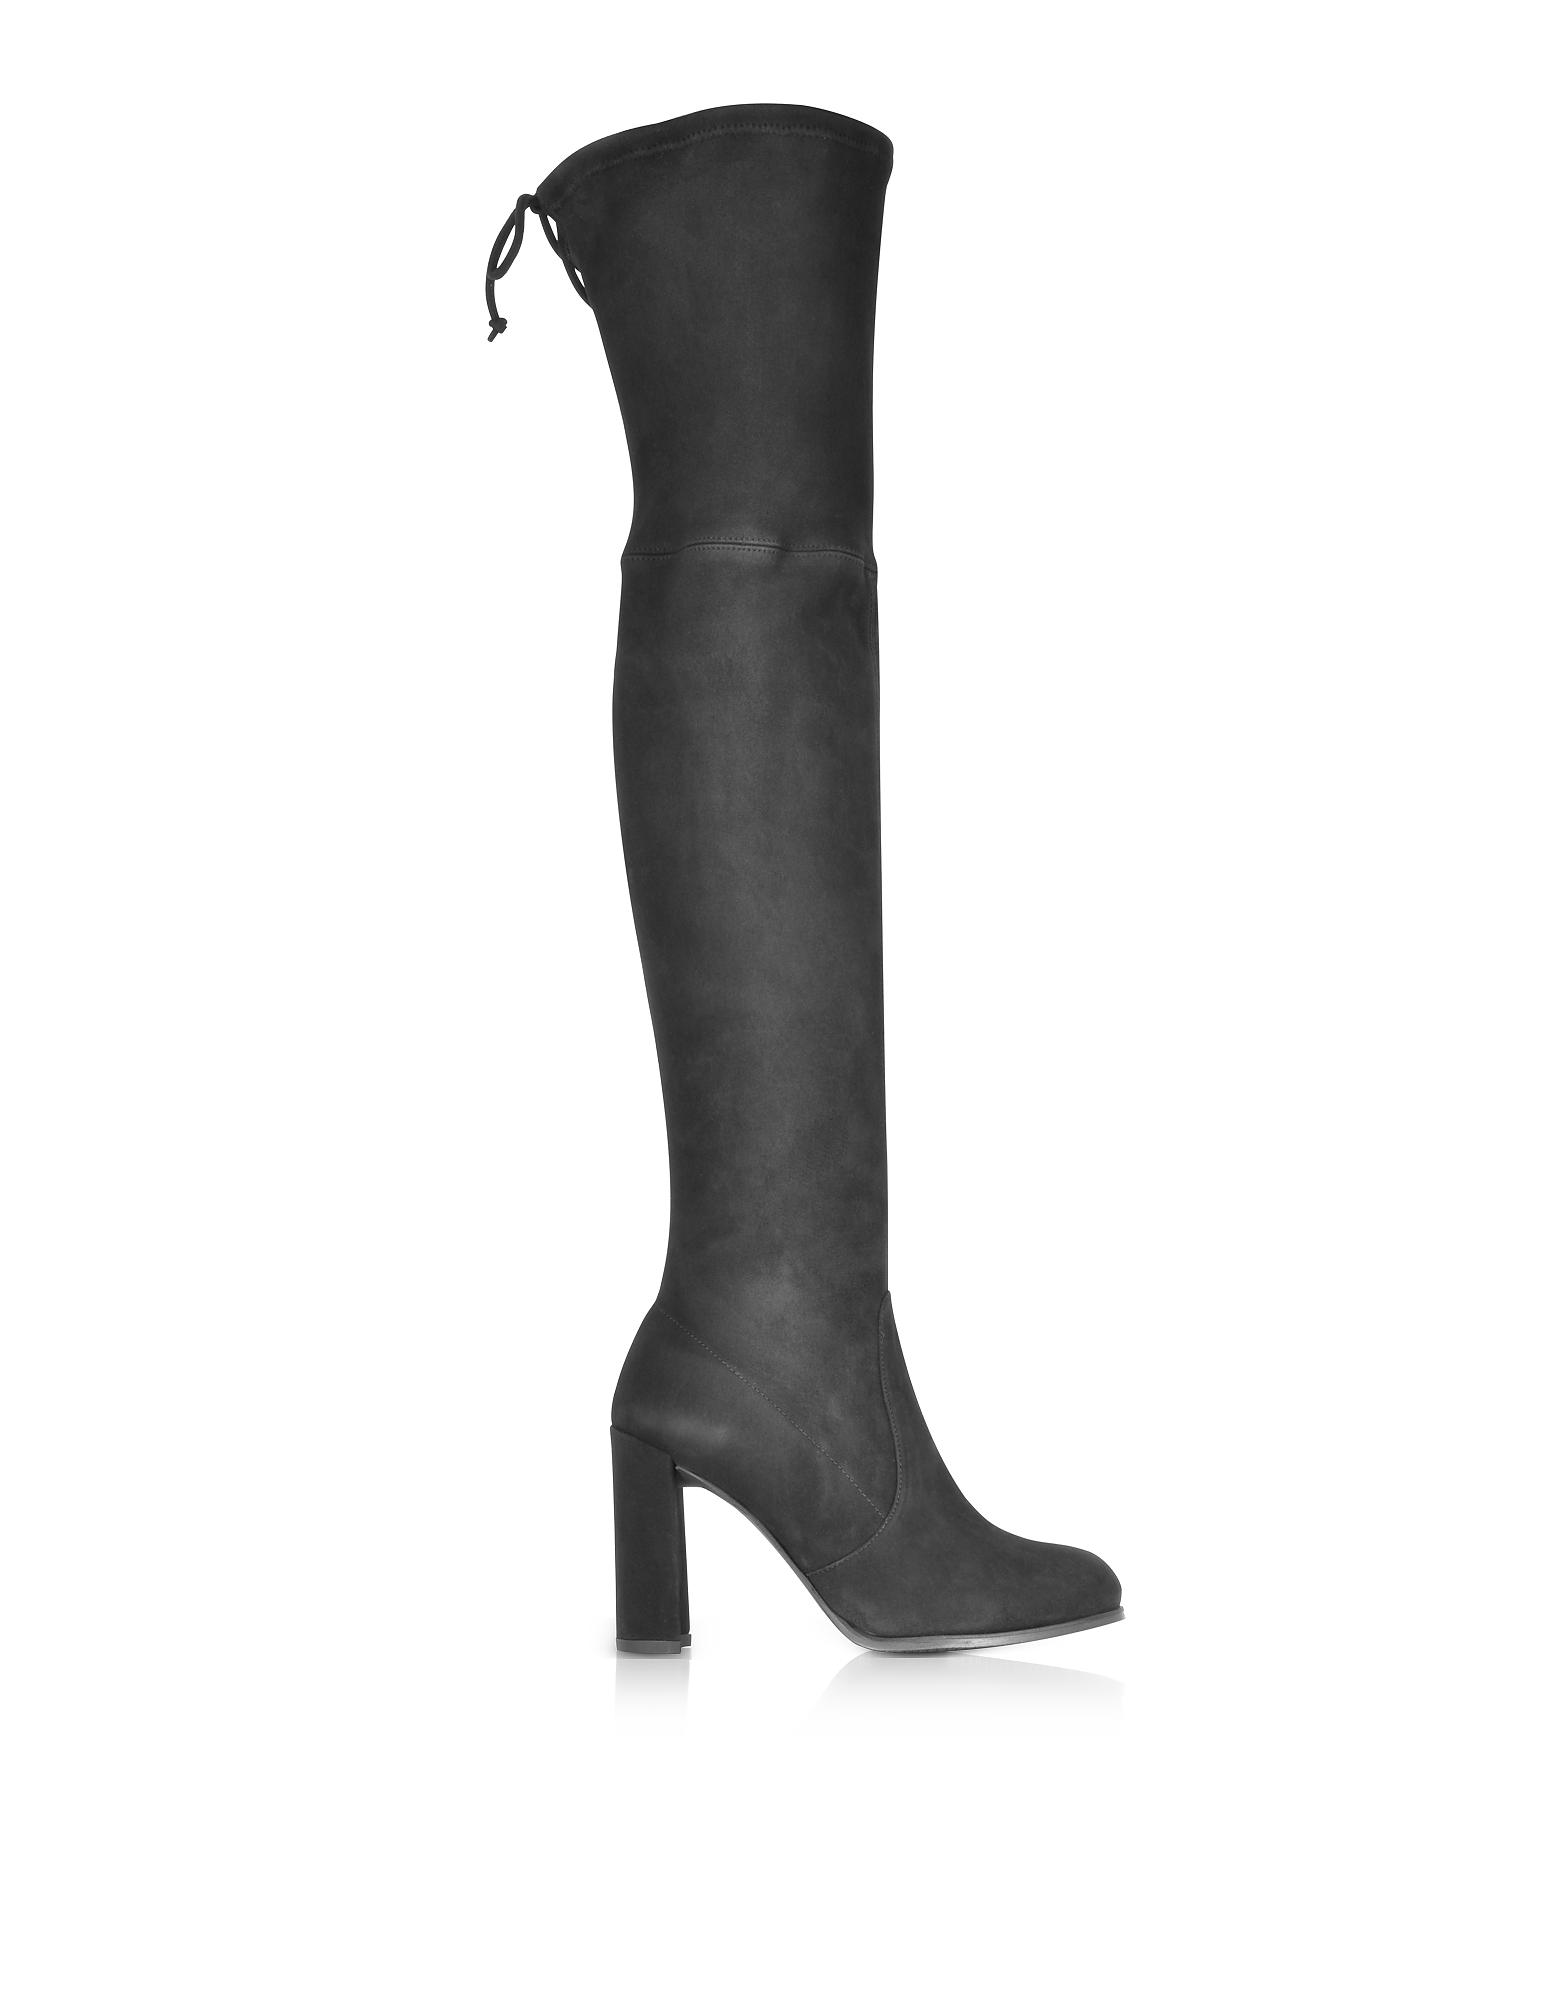 Stuart Weitzman Shoes, Hiline Black Suede Heel Over The Knee Boots